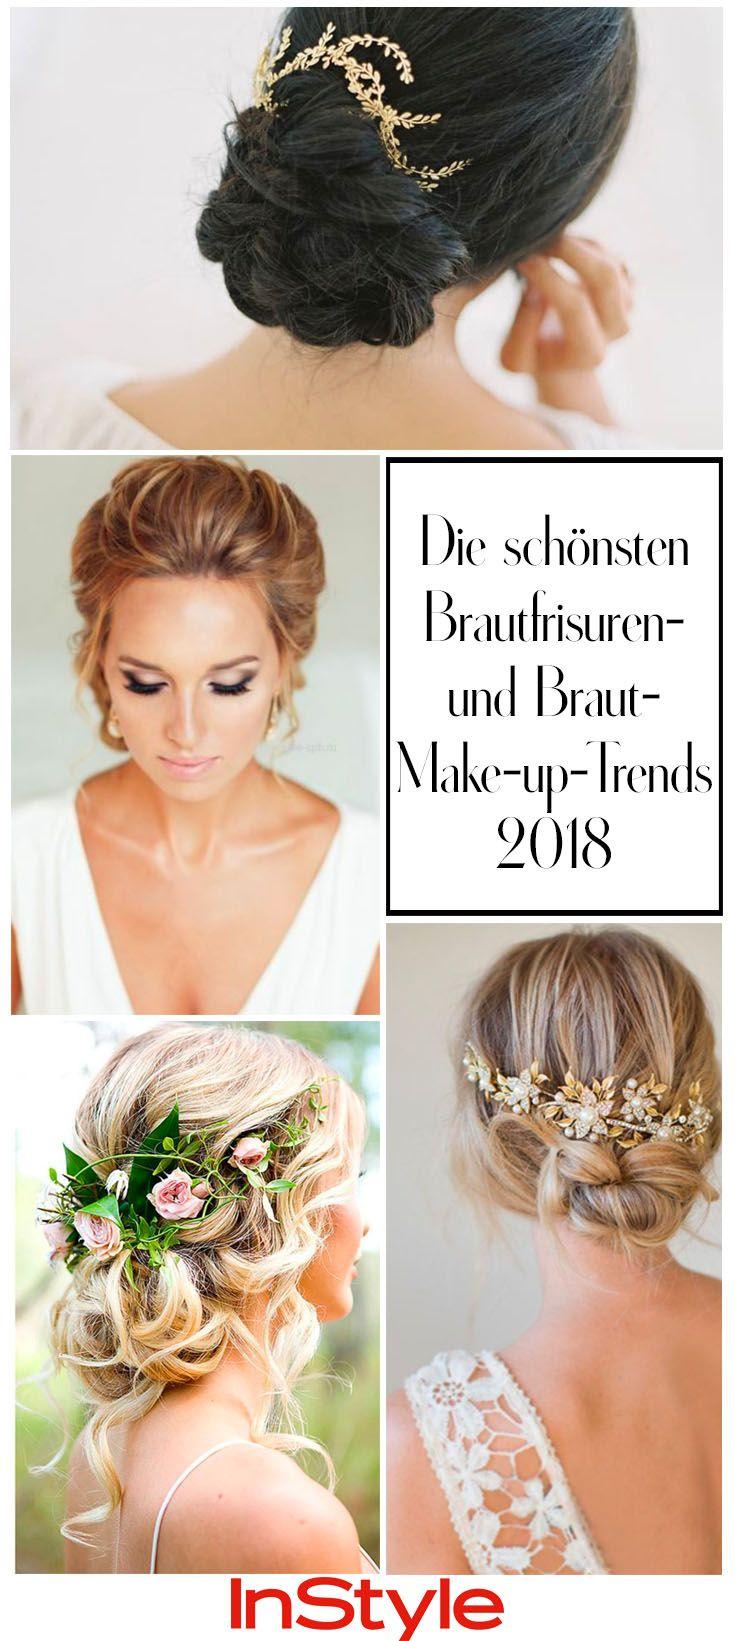 Die Schonsten Brautfrisuren Und Braut Make Up Trends 2018 Brautfrisur Braut Make Up Klassische Hochsteckfrisur